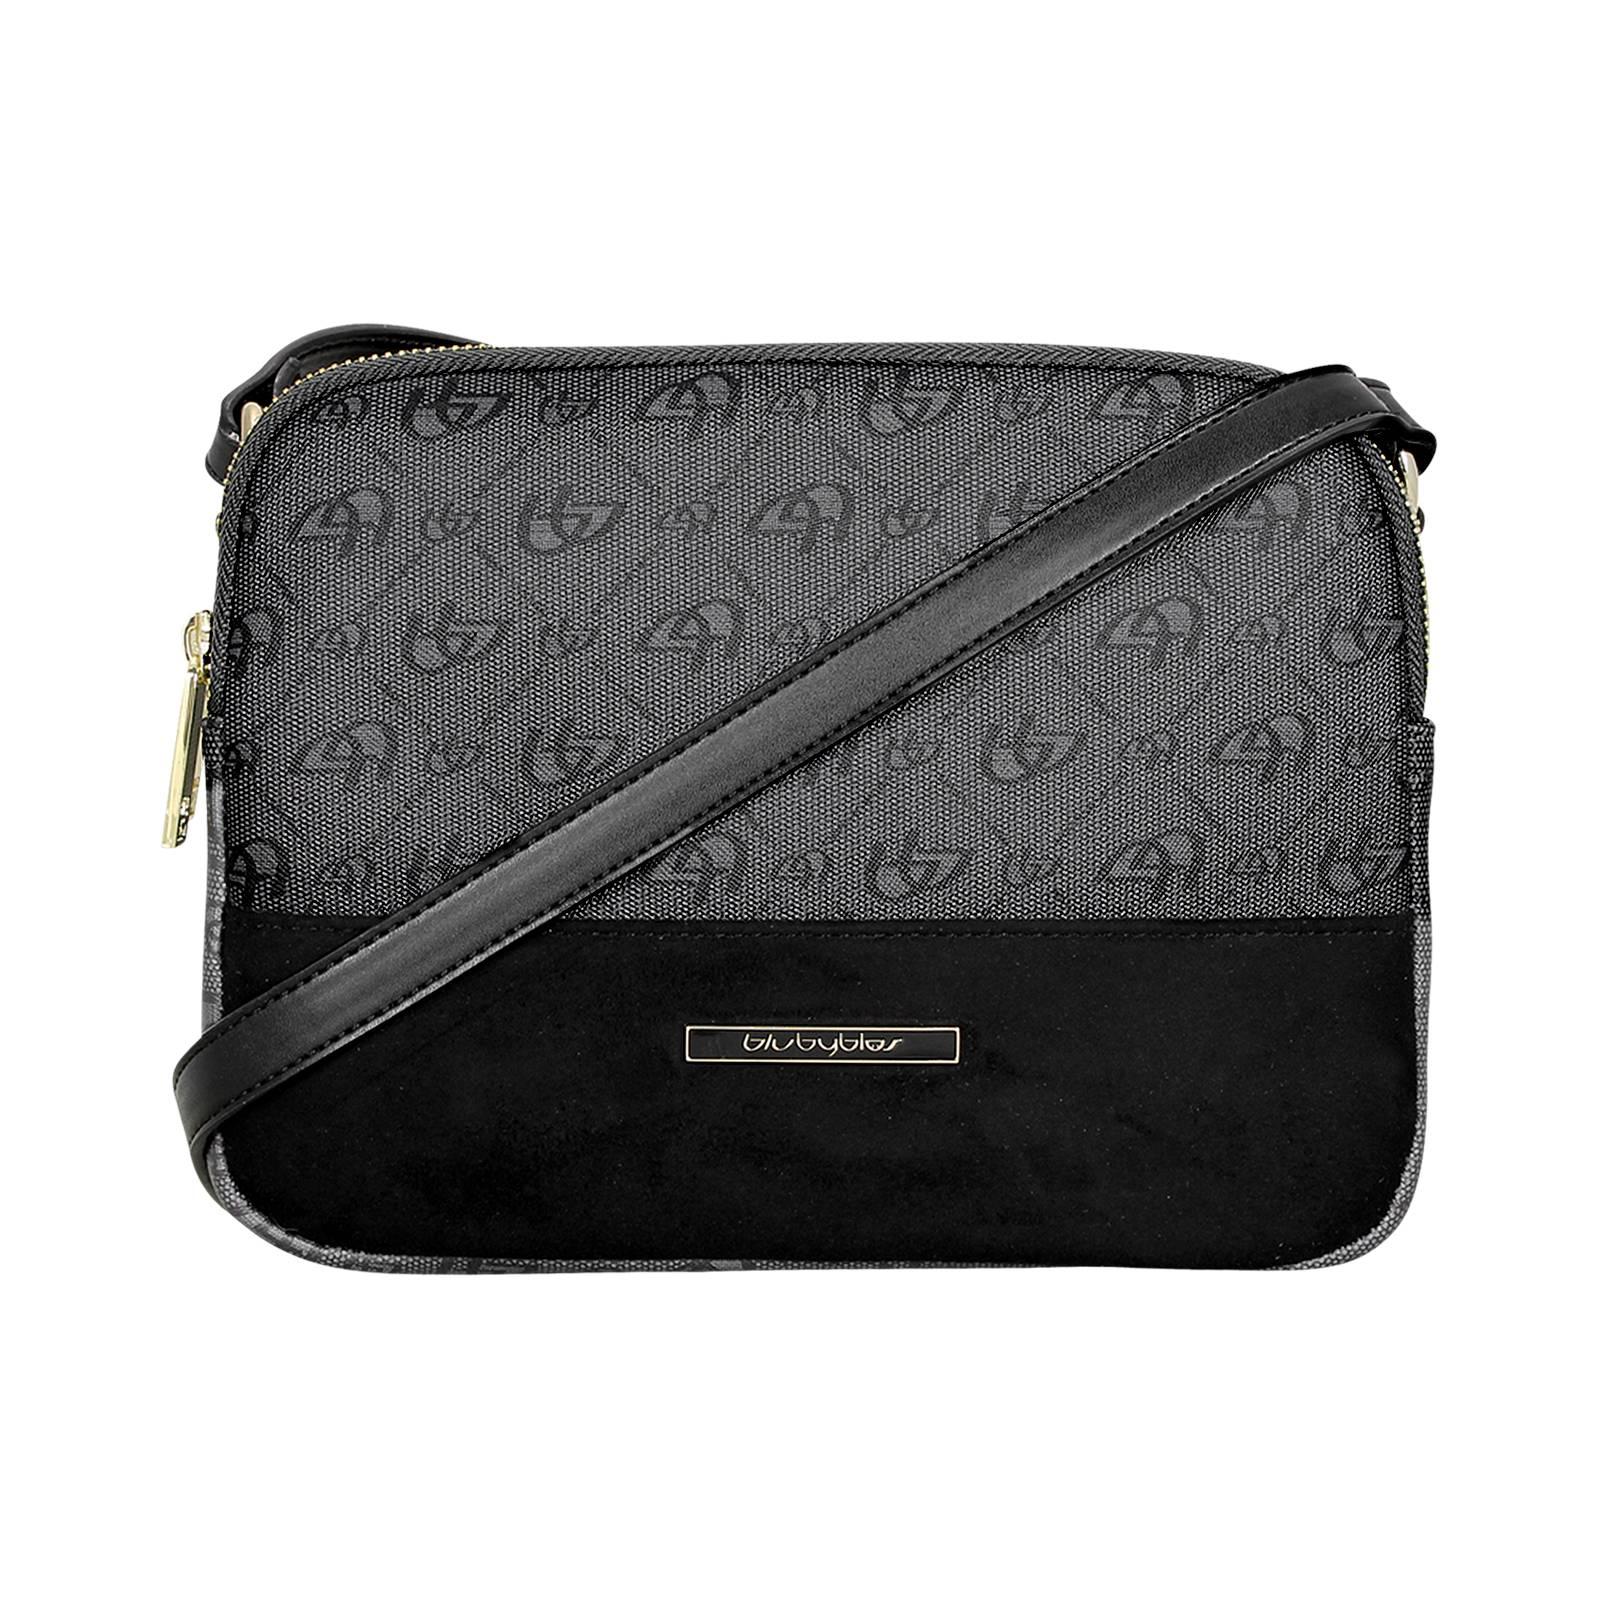 e7b90aaf99 Treznea - Γυναικεία τσάντα Blu Byblos από καστορι συνθετικο και ...